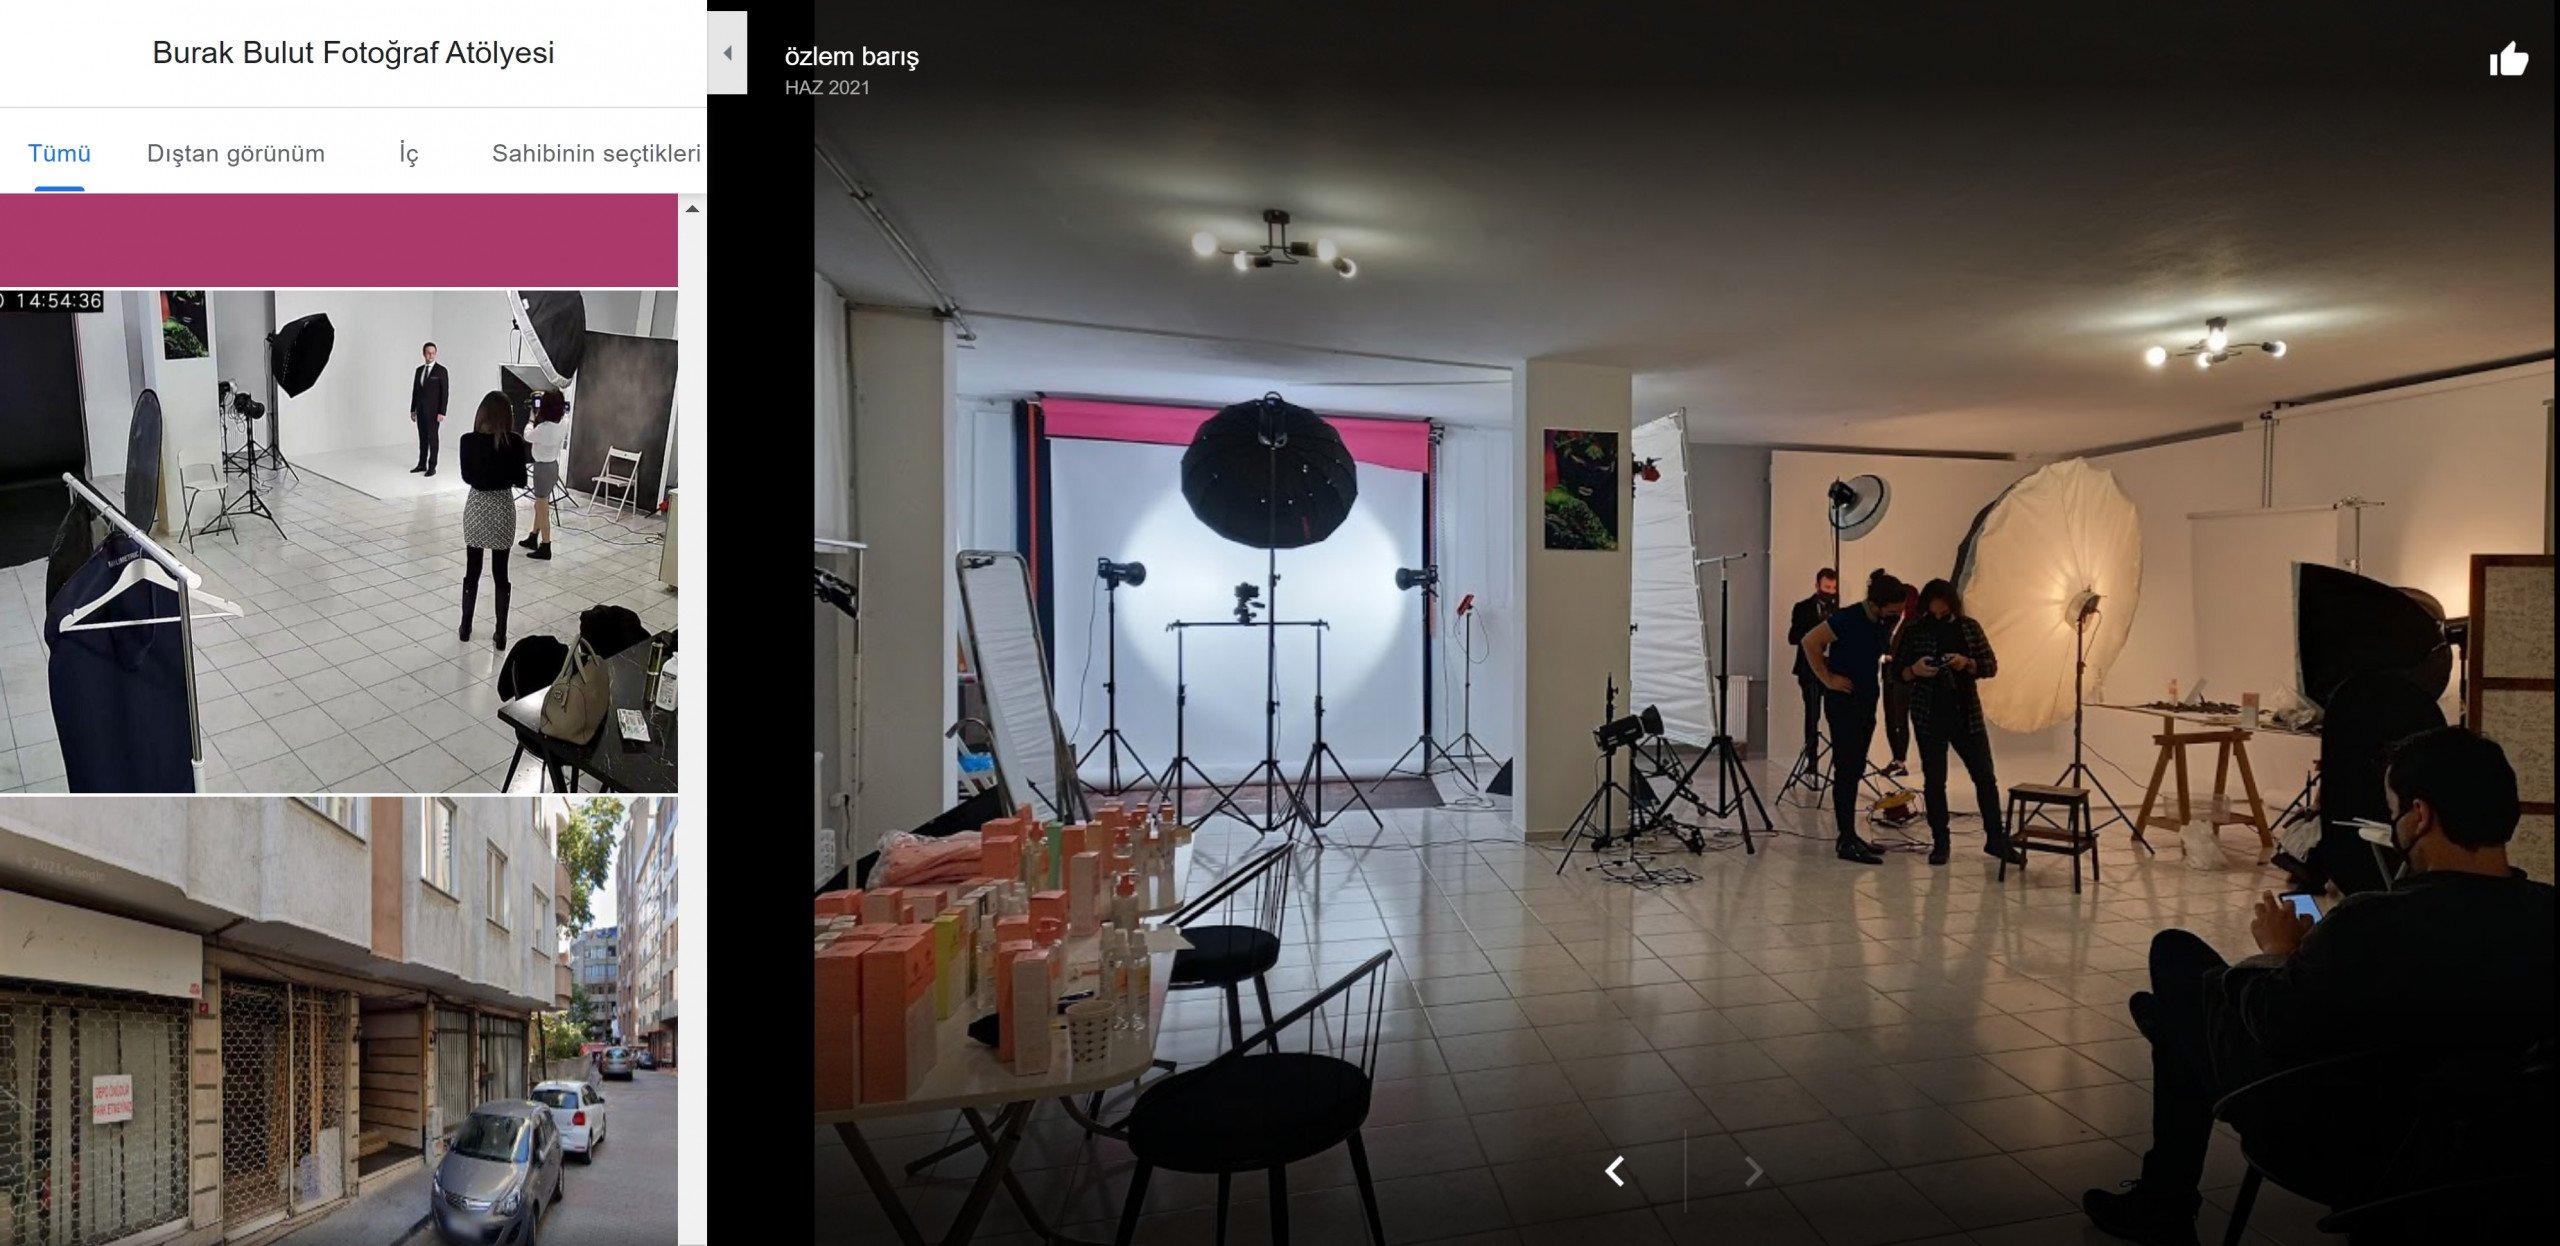 Kiralık Fotoğraf Stüdyosu